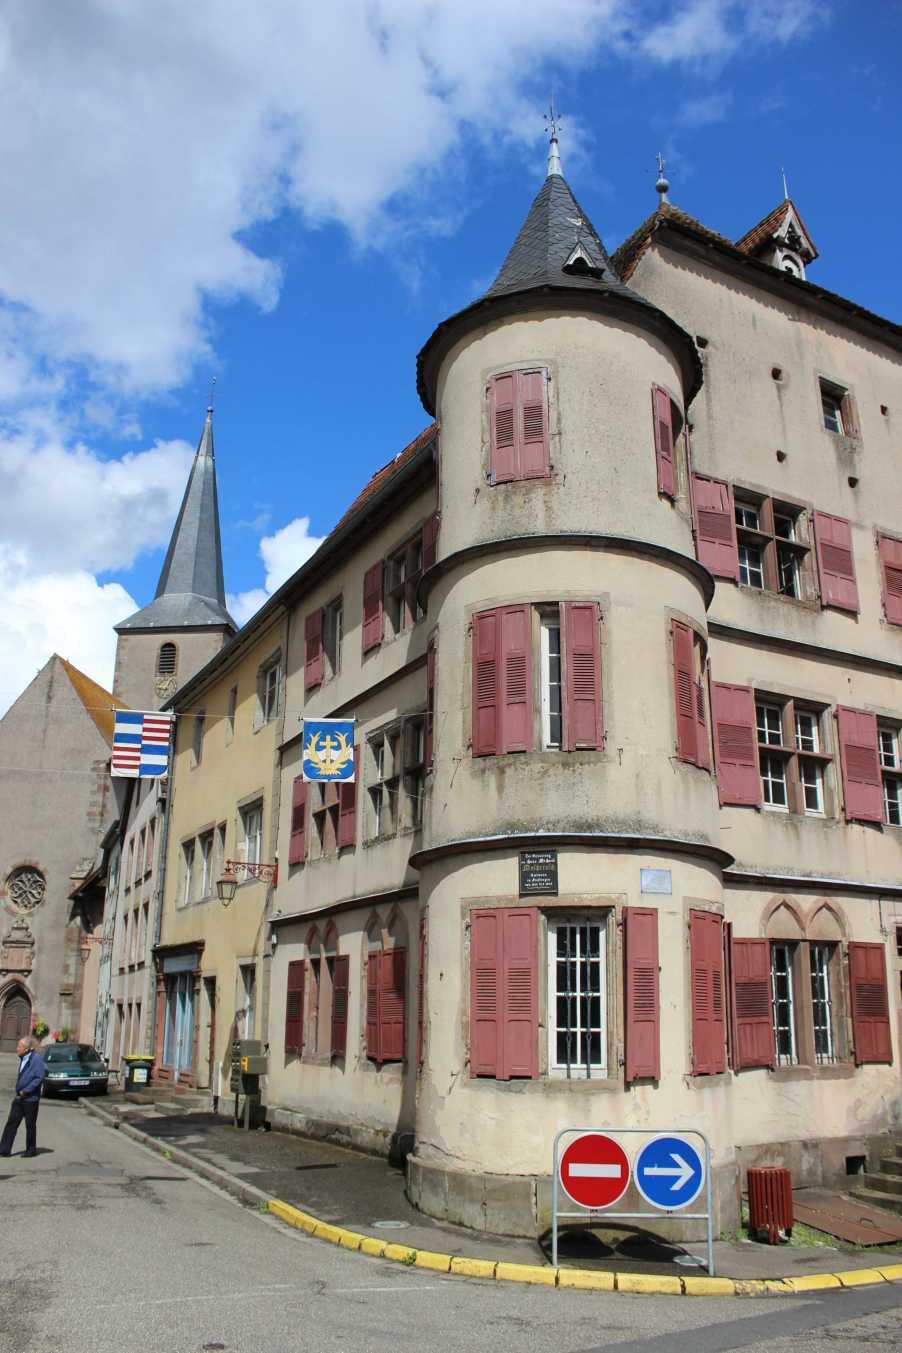 """Wenn man im Krummen Elsass (Alsace Bossue) unterwegs ist, kommt man fast nicht drumherum die Departementsgrenzen zu übertreten. Ruckzuck ist man in der Moselle, Lothringen, was man landschaftlich gar nicht groß merkt. Der Dialekt wäre ein anderer, sagten die Elsässer, aber der wechselt eh von Dorf zu Dorf, auch im Krummen Elsass. Eine schöne Entdeckung ist das an der Saar gelegene Fénétrange, das ehemalige Finstingen. Das 700 Seelen-Städtchen wurde bekannt durch den gebürtigen Willstätter Hans Michael Moscherosch (""""Bin ein Geborner Teutscher ...""""), der von 1635-1642 hier Amtsmann war. Fénétrange ist ein geheimnisvolle Ansammlung alter Steine, wo von unsichtbarer Hand die Zeit angehalten wird. Die alte Kirche mit den Grabsteinen rund herum, das Schloss aus dem 14. Jahrhundert, die schiefen Häuser, die abgeschossenen Fensterläden, sind alte Zeit. Nur der Himmel trägt keine Patina."""